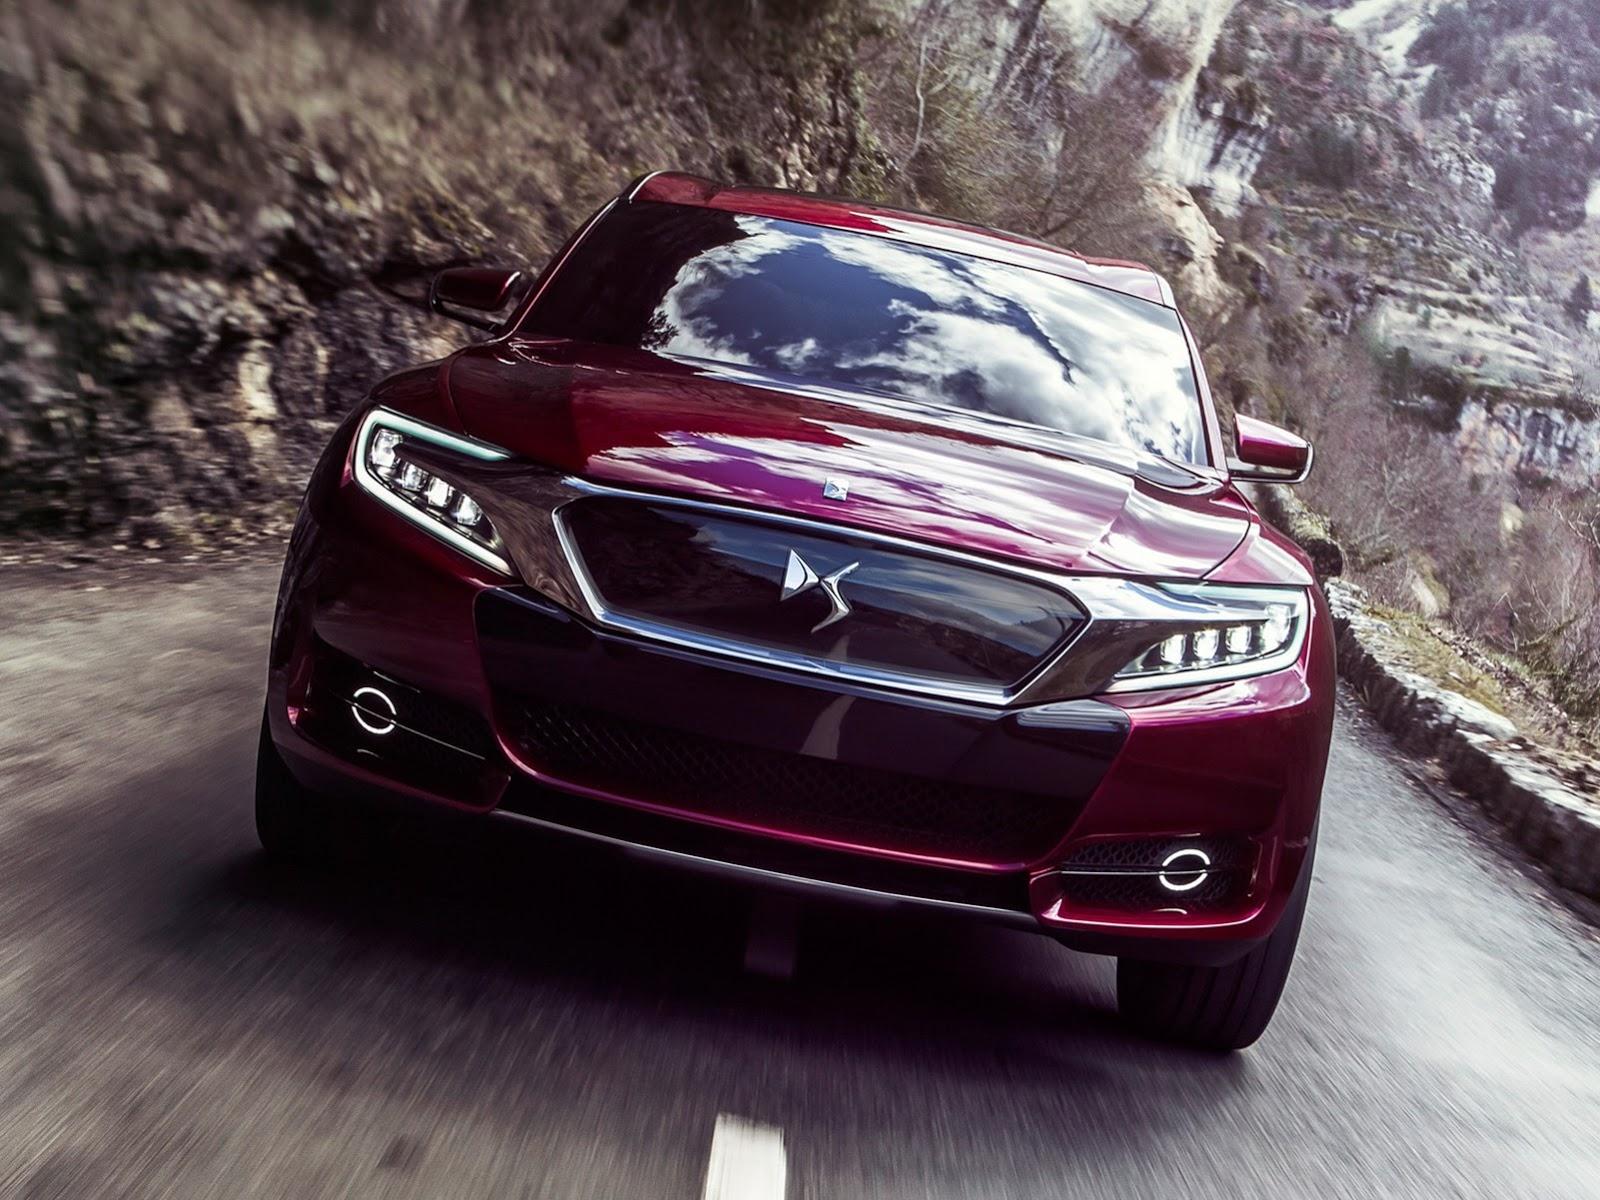 Caratteristiche e prestazioni del nuovo SUV Citroen Citroen